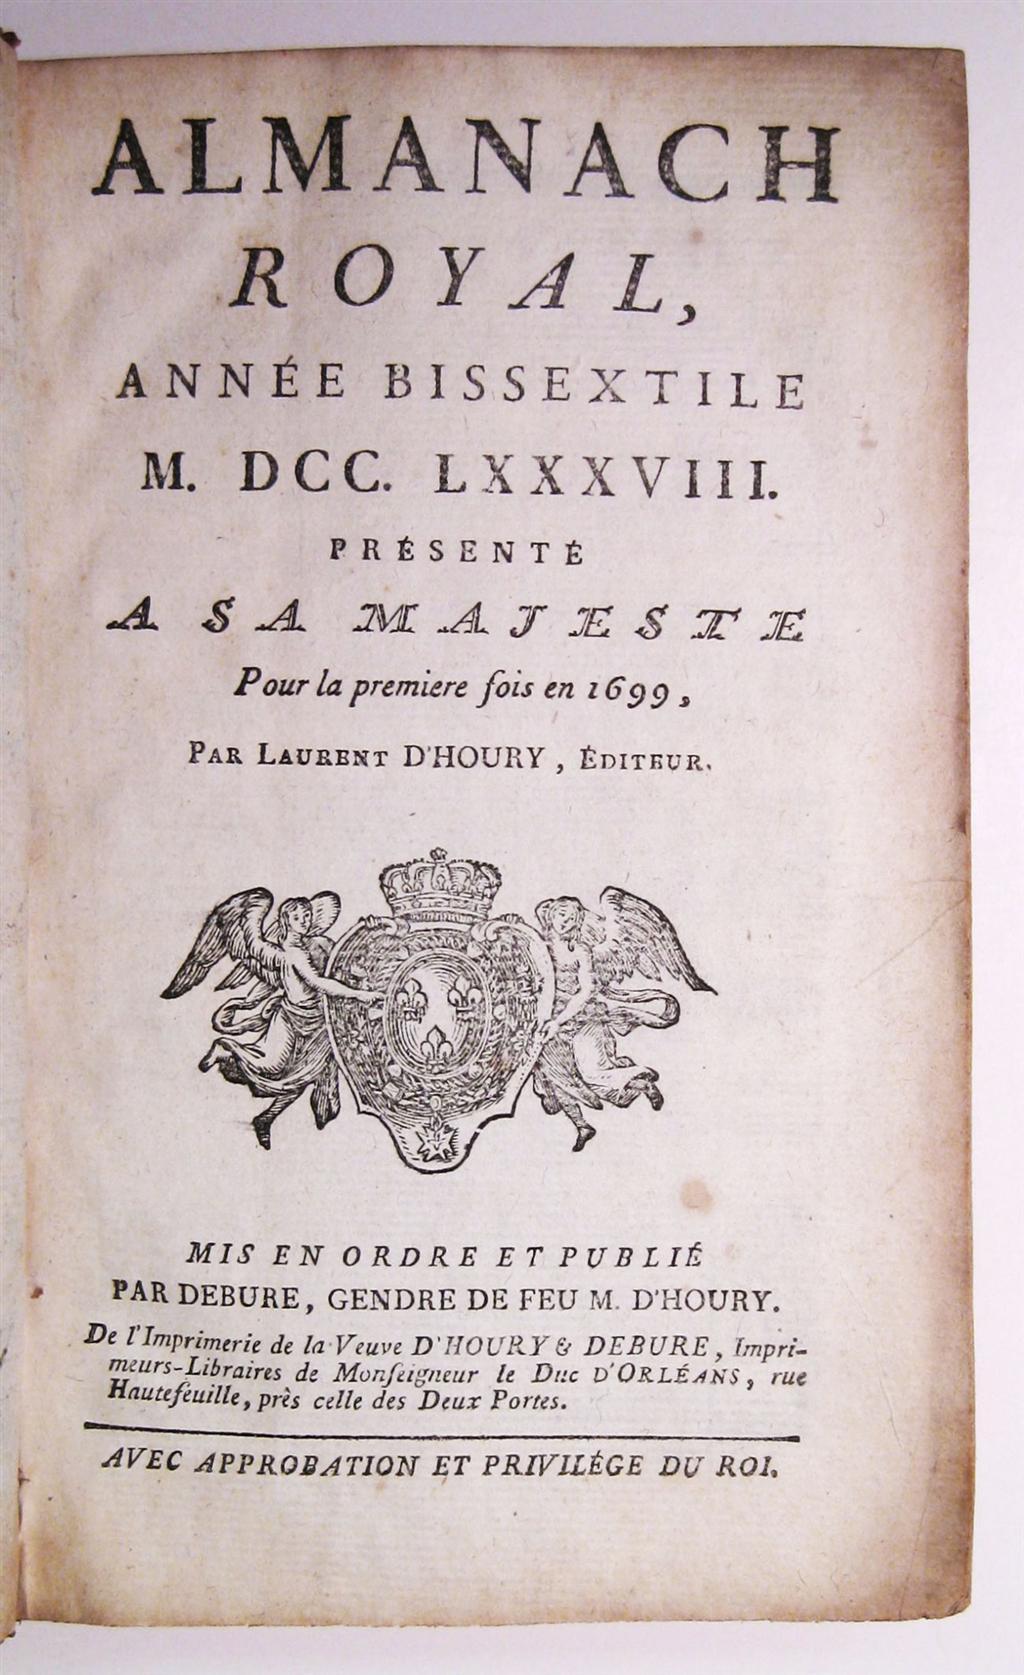 ALMANAC--Almanach-Royal-Année-Bissextile-MDCCLXXXVIII--1787